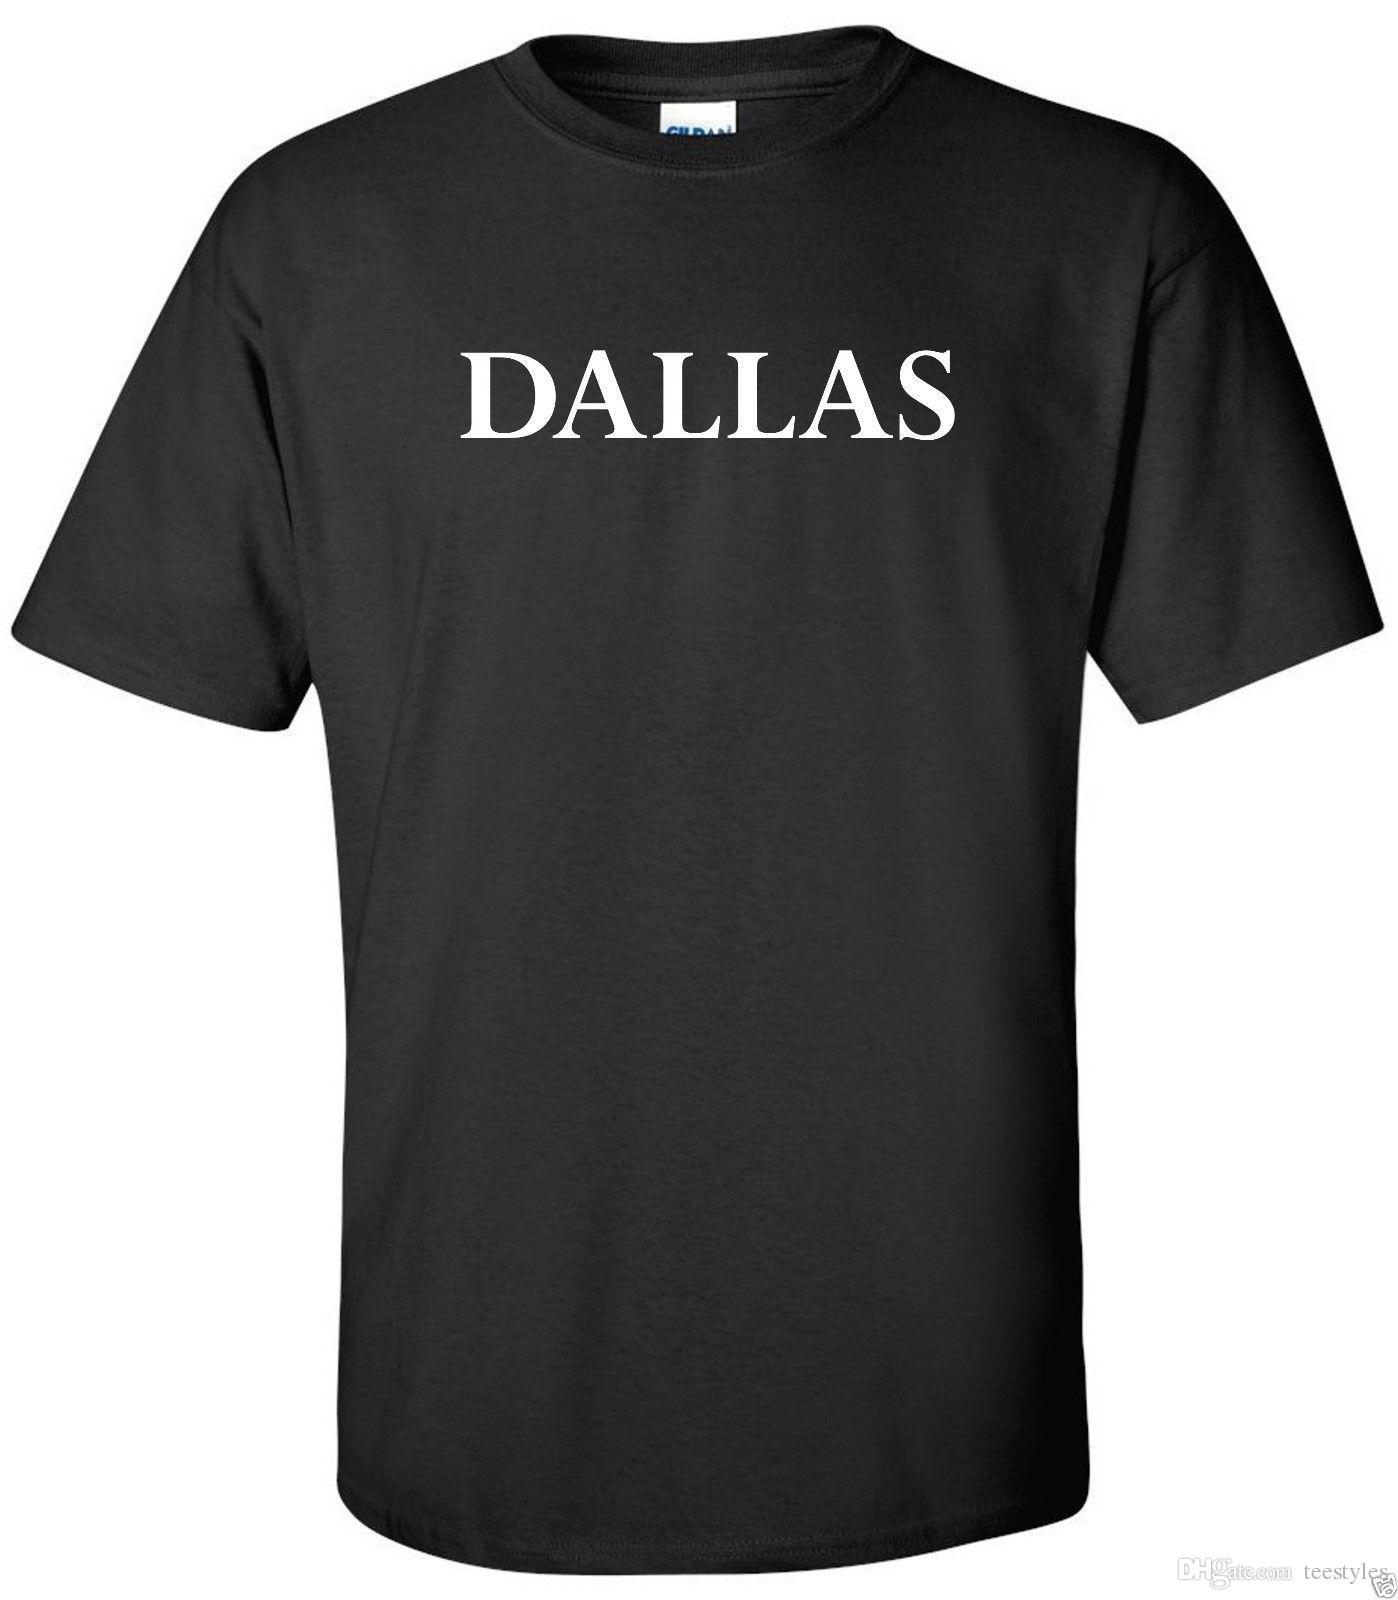 Dallas T Shirt Tx Cowboys Lone Star State Texas Pride Shirt T Shirt